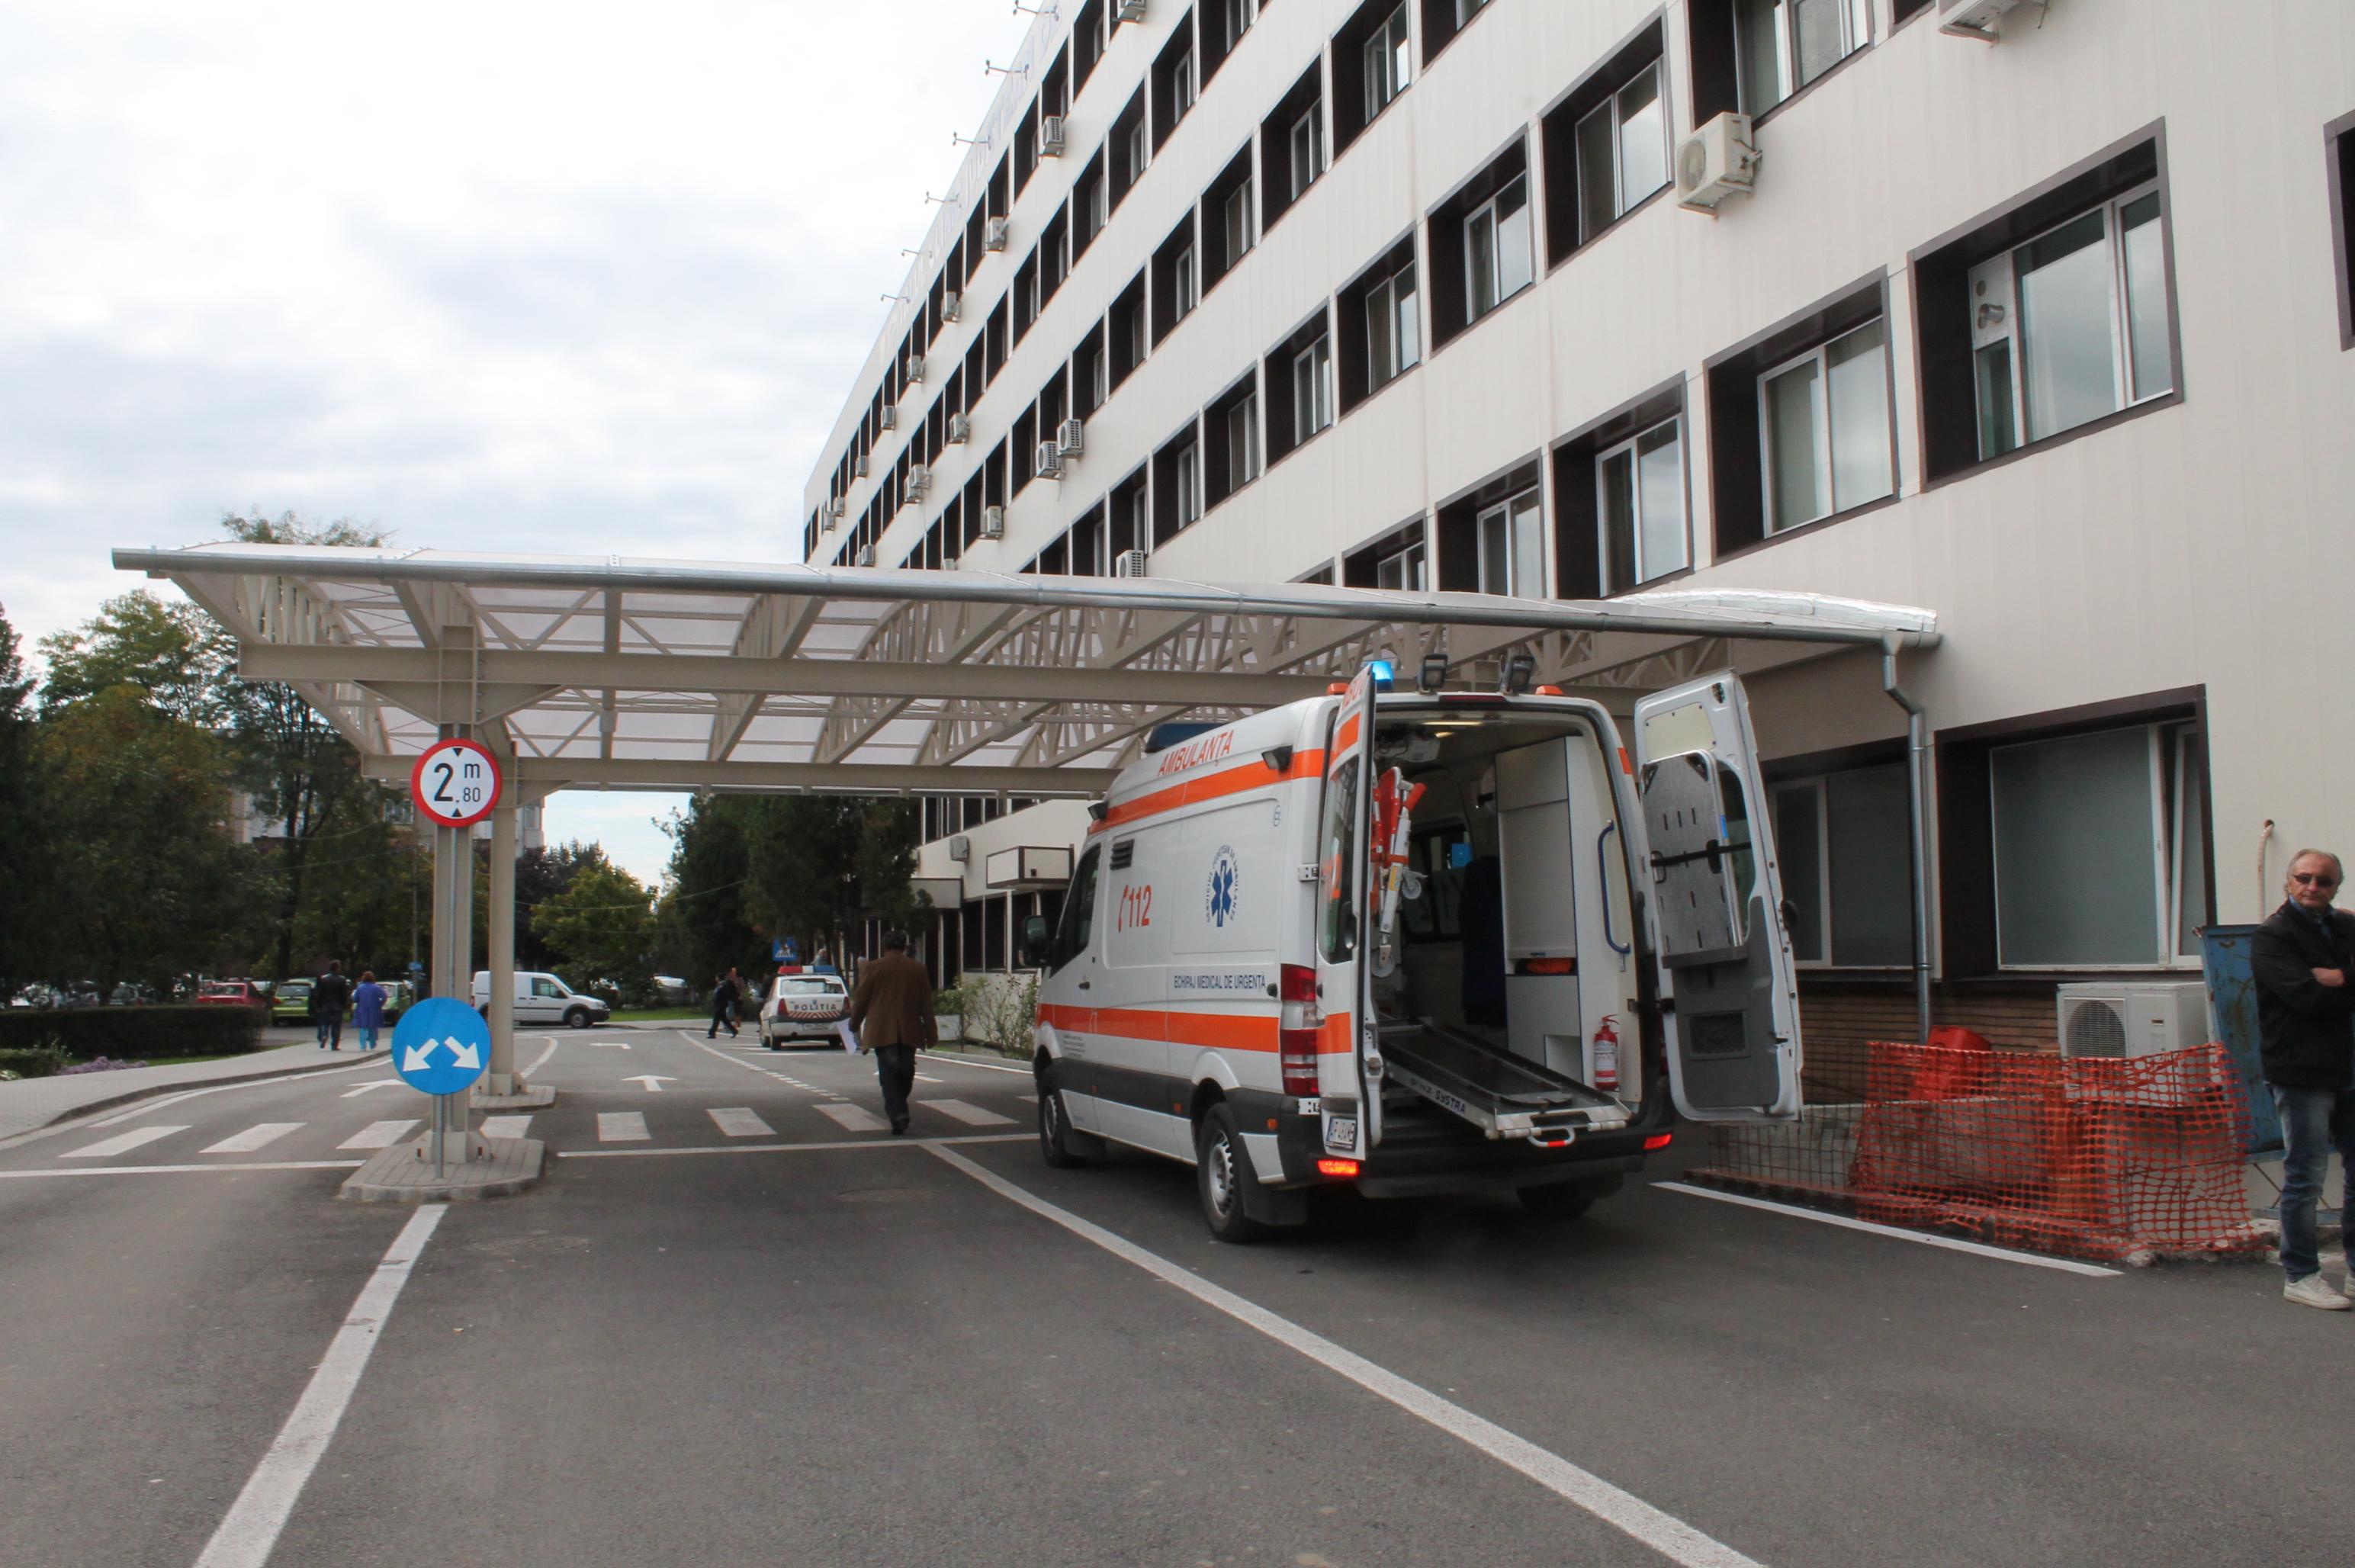 Ministerul Sănătăţii anunţă că starea tuturor celor care au avut contact cu minorul care ar fi murit de meningită este monitorizată